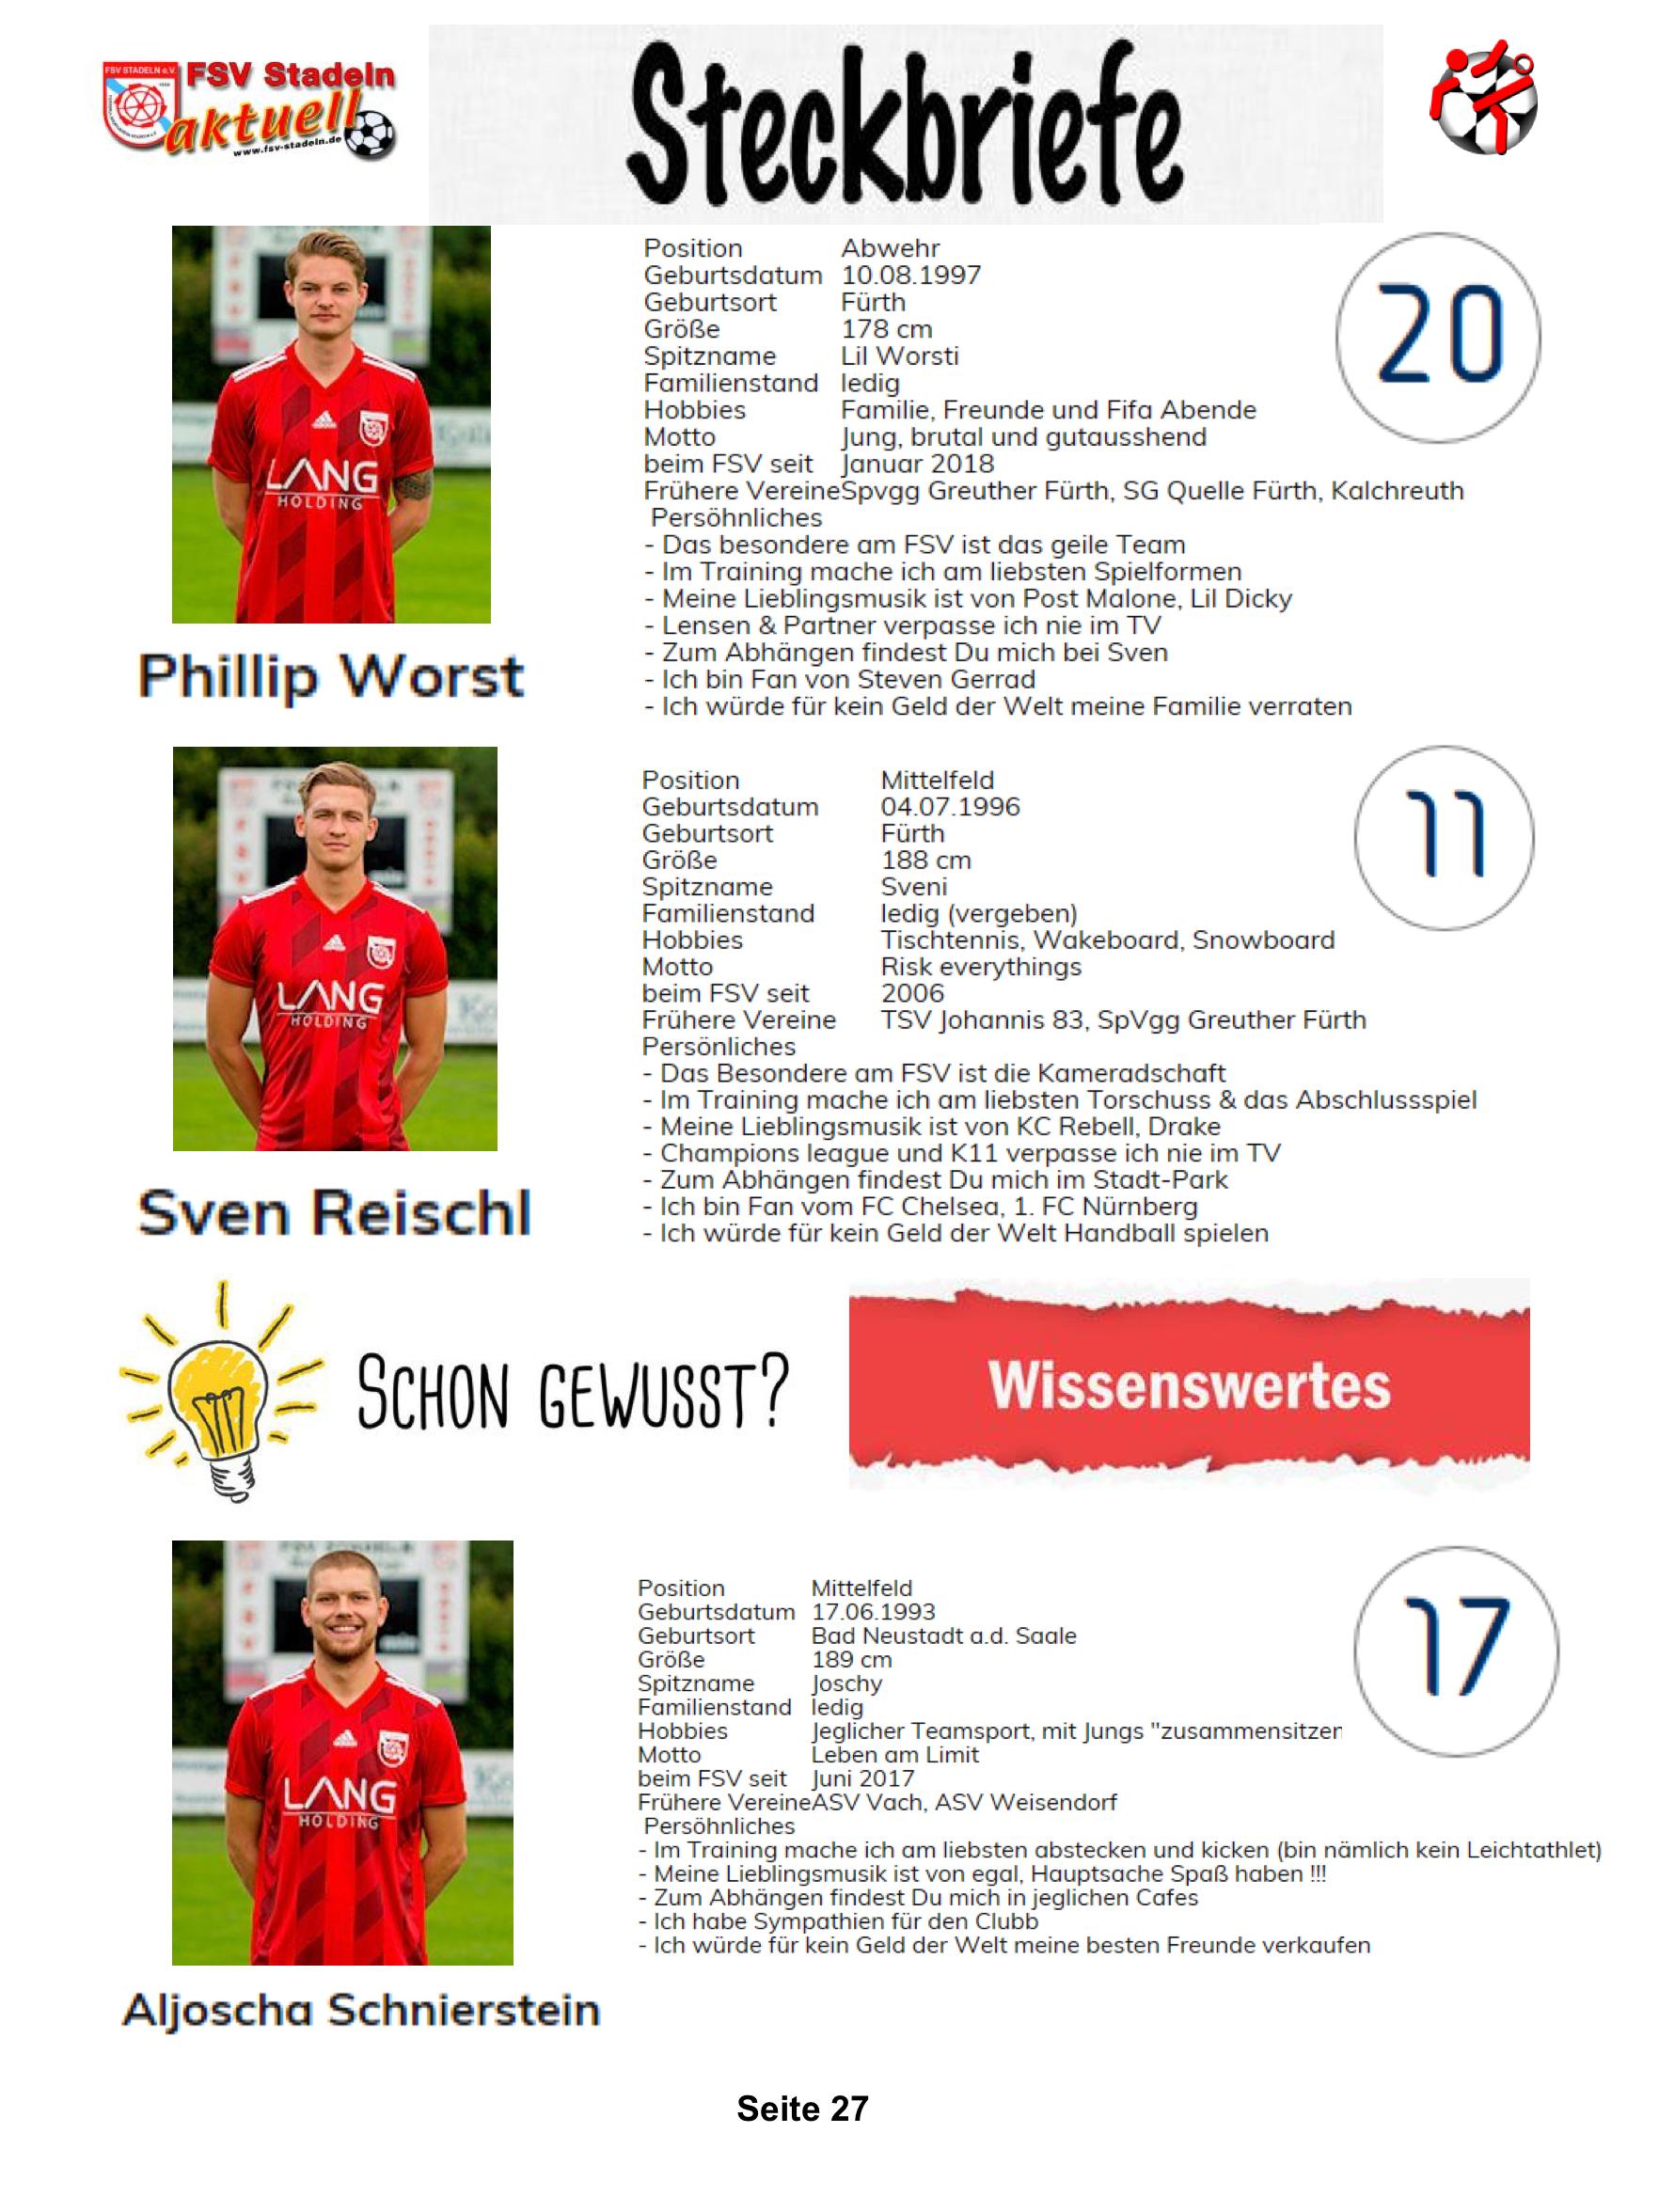 Grossschwarzenlohe-27.png